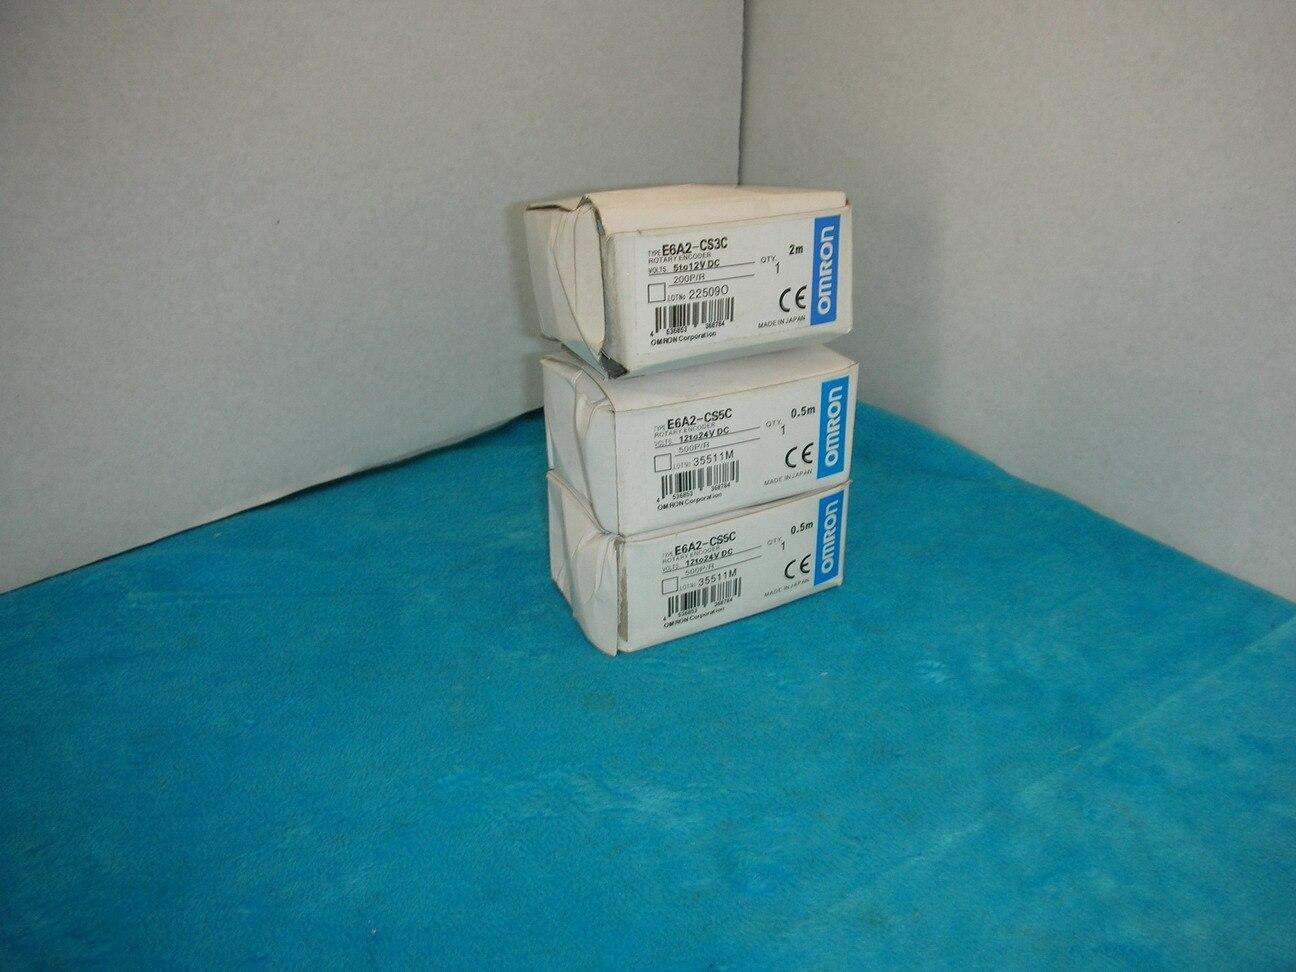 OMRON encoder 200P/R E6A2-CS3C free shipping e6a2 cs5c 60p r rotary encoder new e6a2cs5c 60p r inc 12 24vdc open a phase e6a2 cs5c 60p r